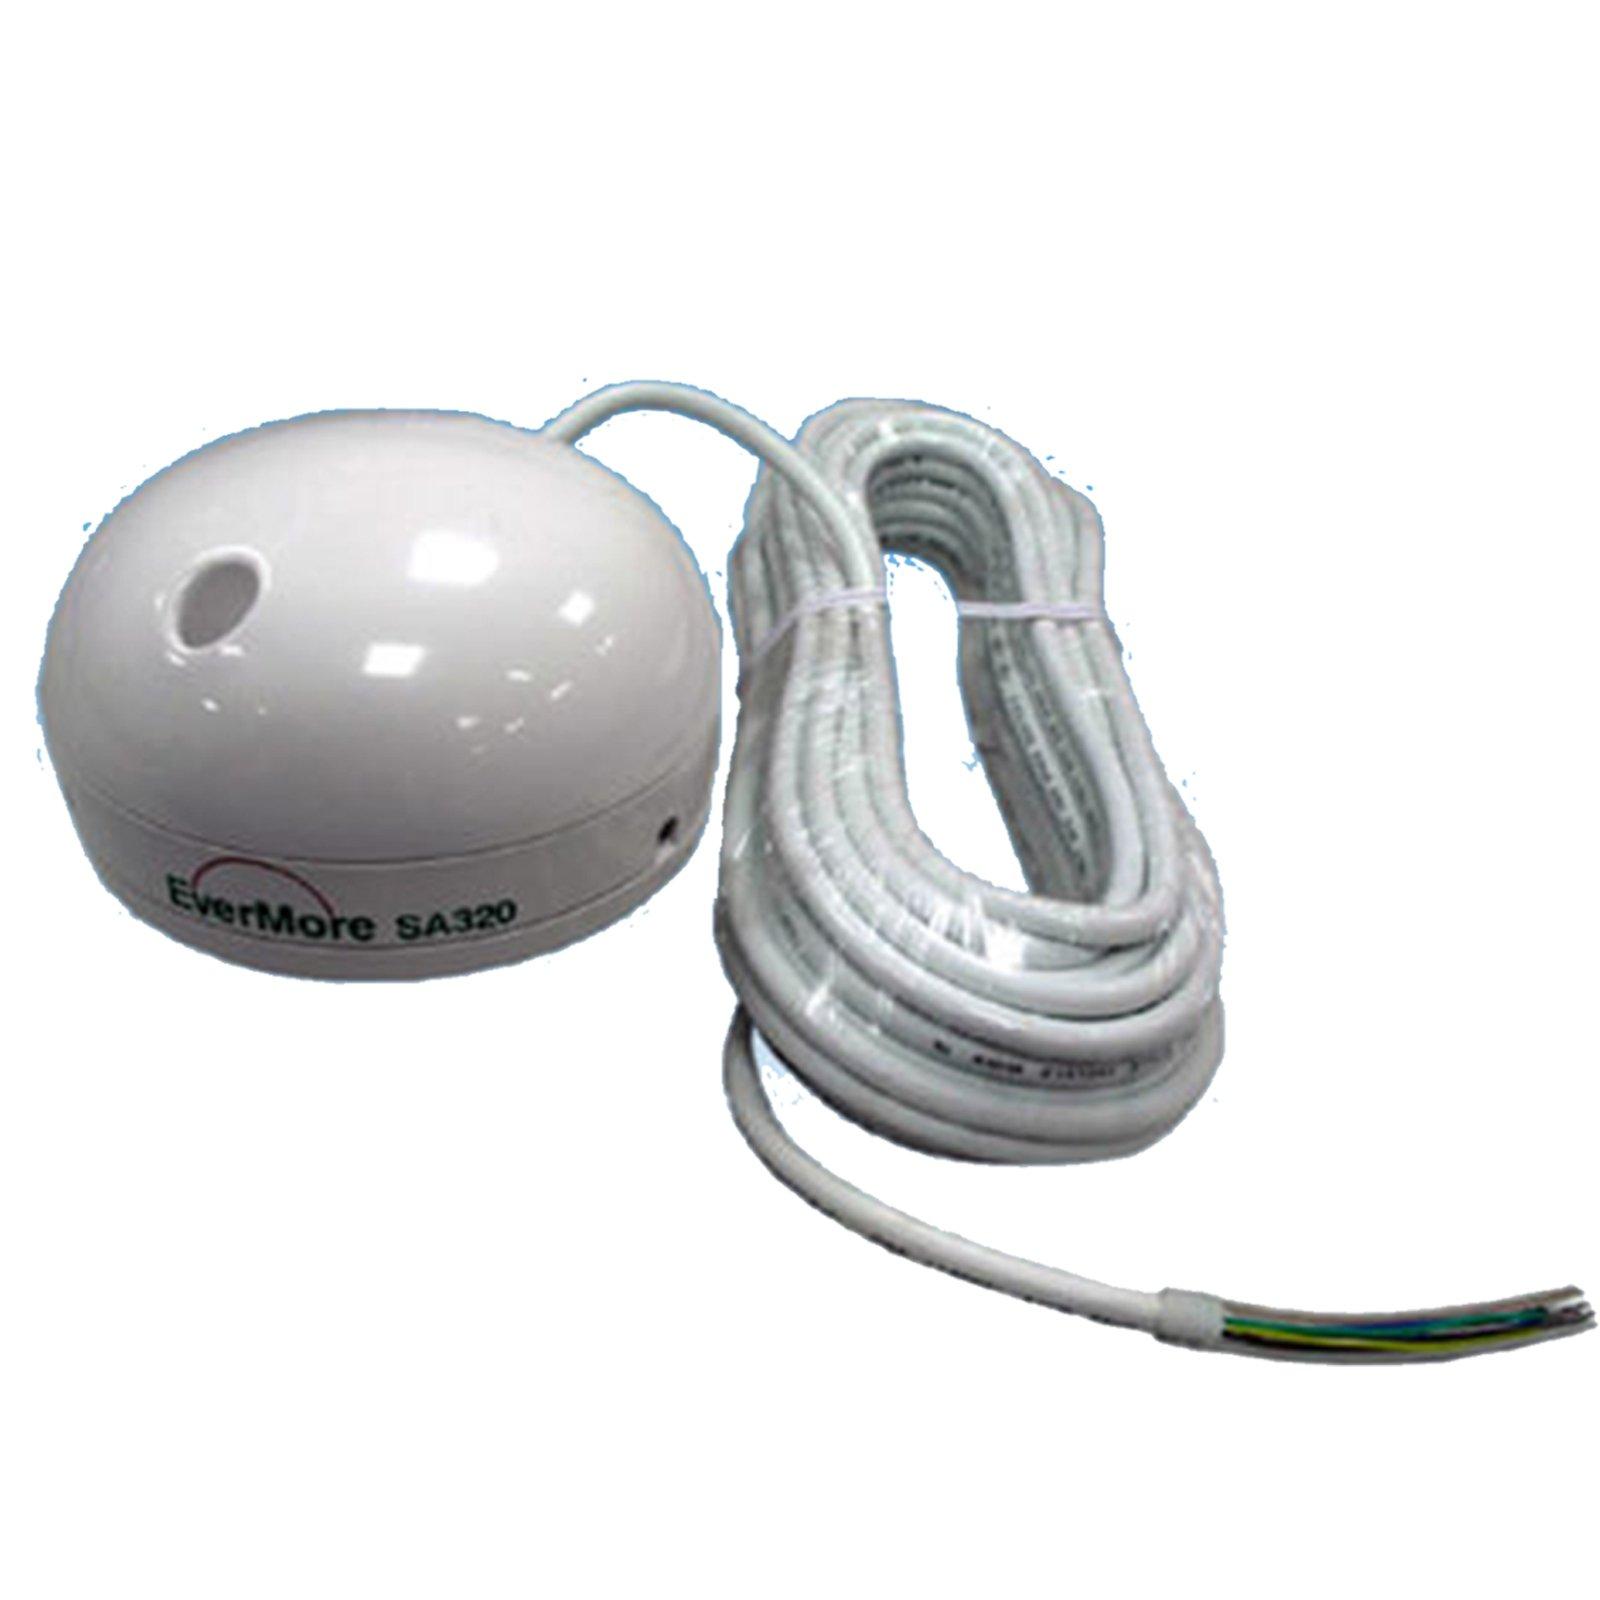 Marine GPS Recepteur Evermore SA-320 avec RS-232 Interface pour navigation bateau, bateau à voiles, canot automobile. Alimentation 9 Volt - 24 Volt, Longitude Cable 10 Metres product image